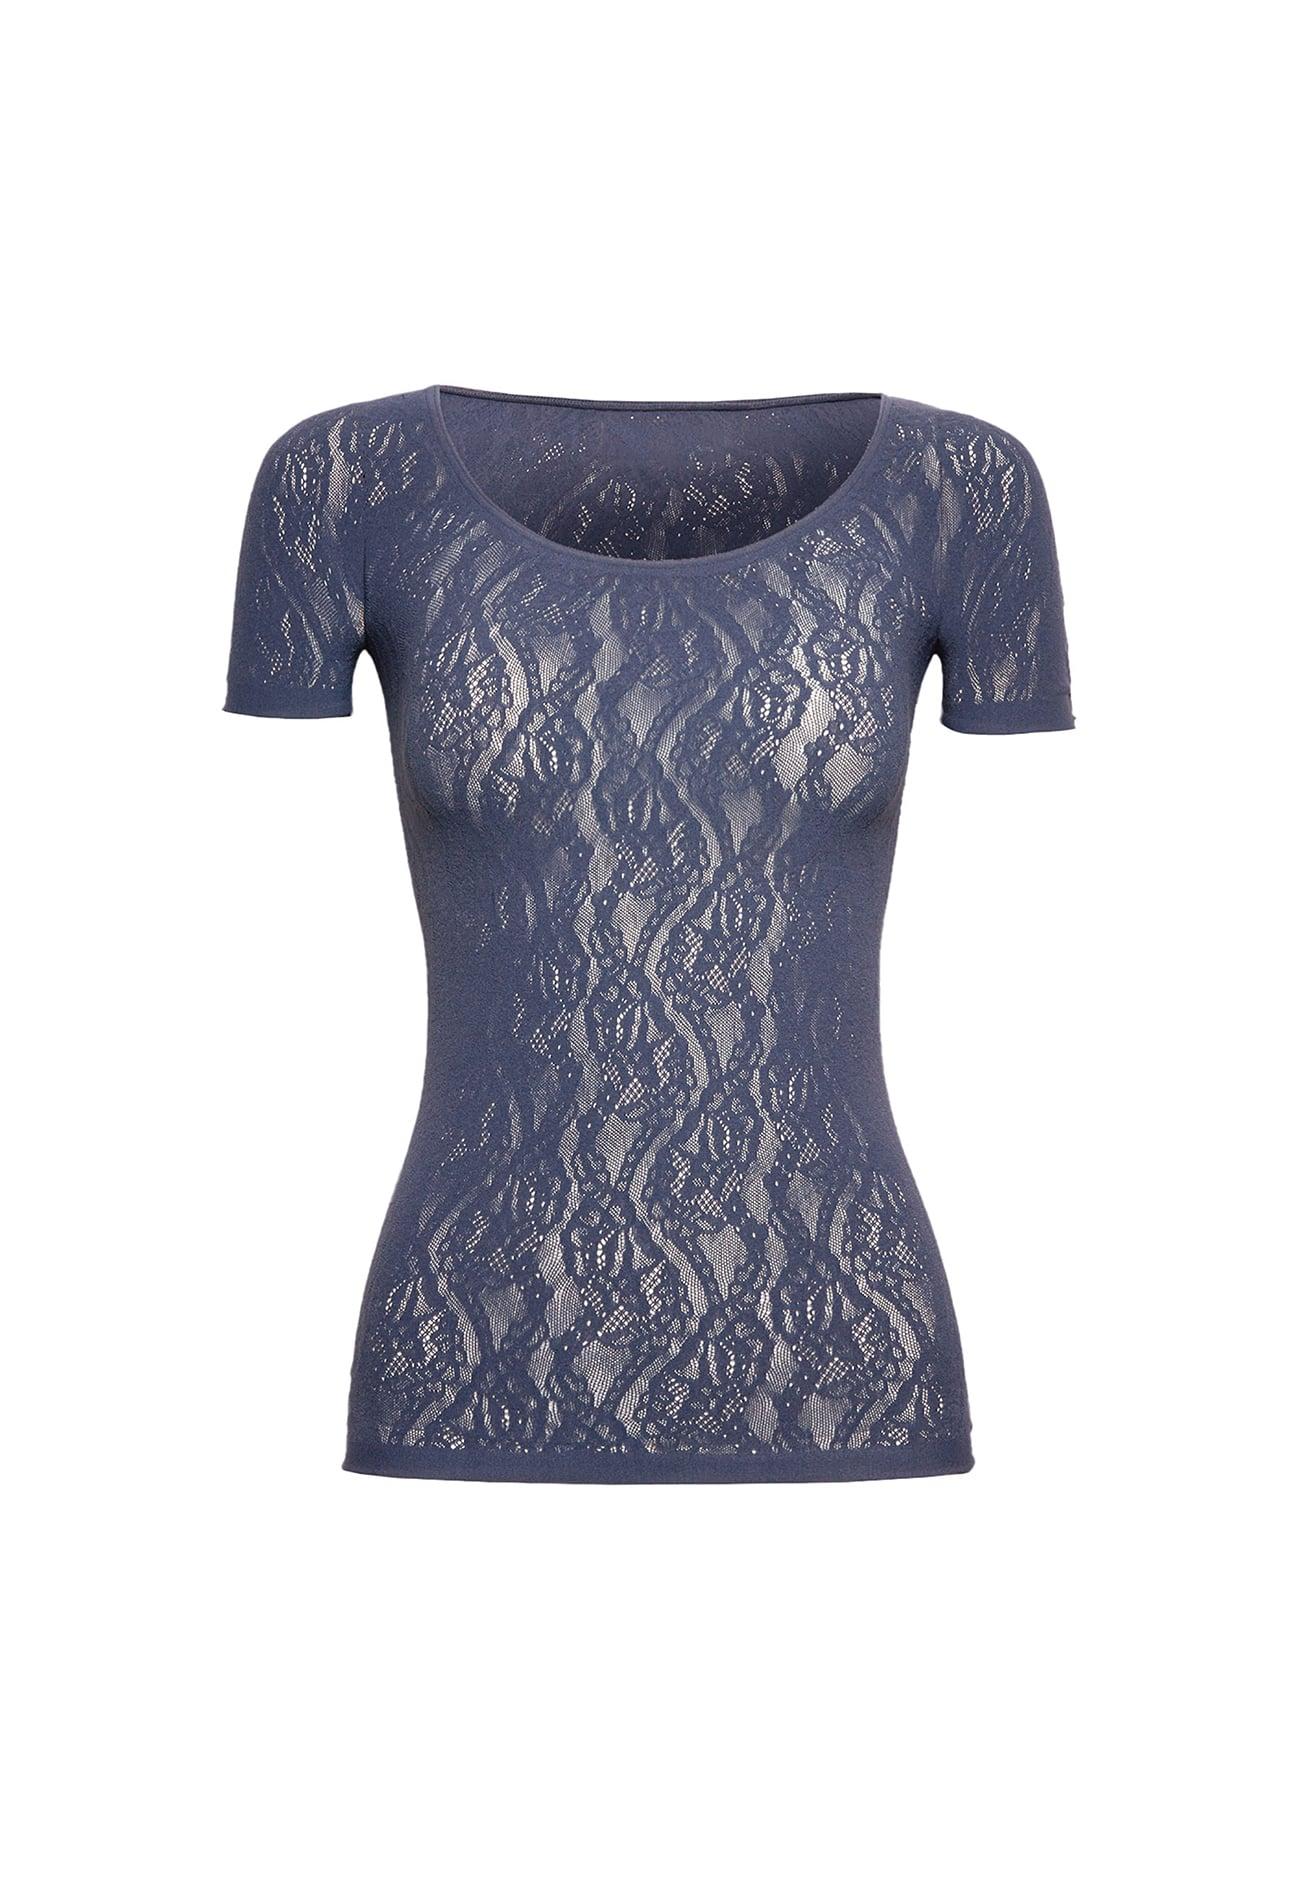 52816 Ninat Shirt